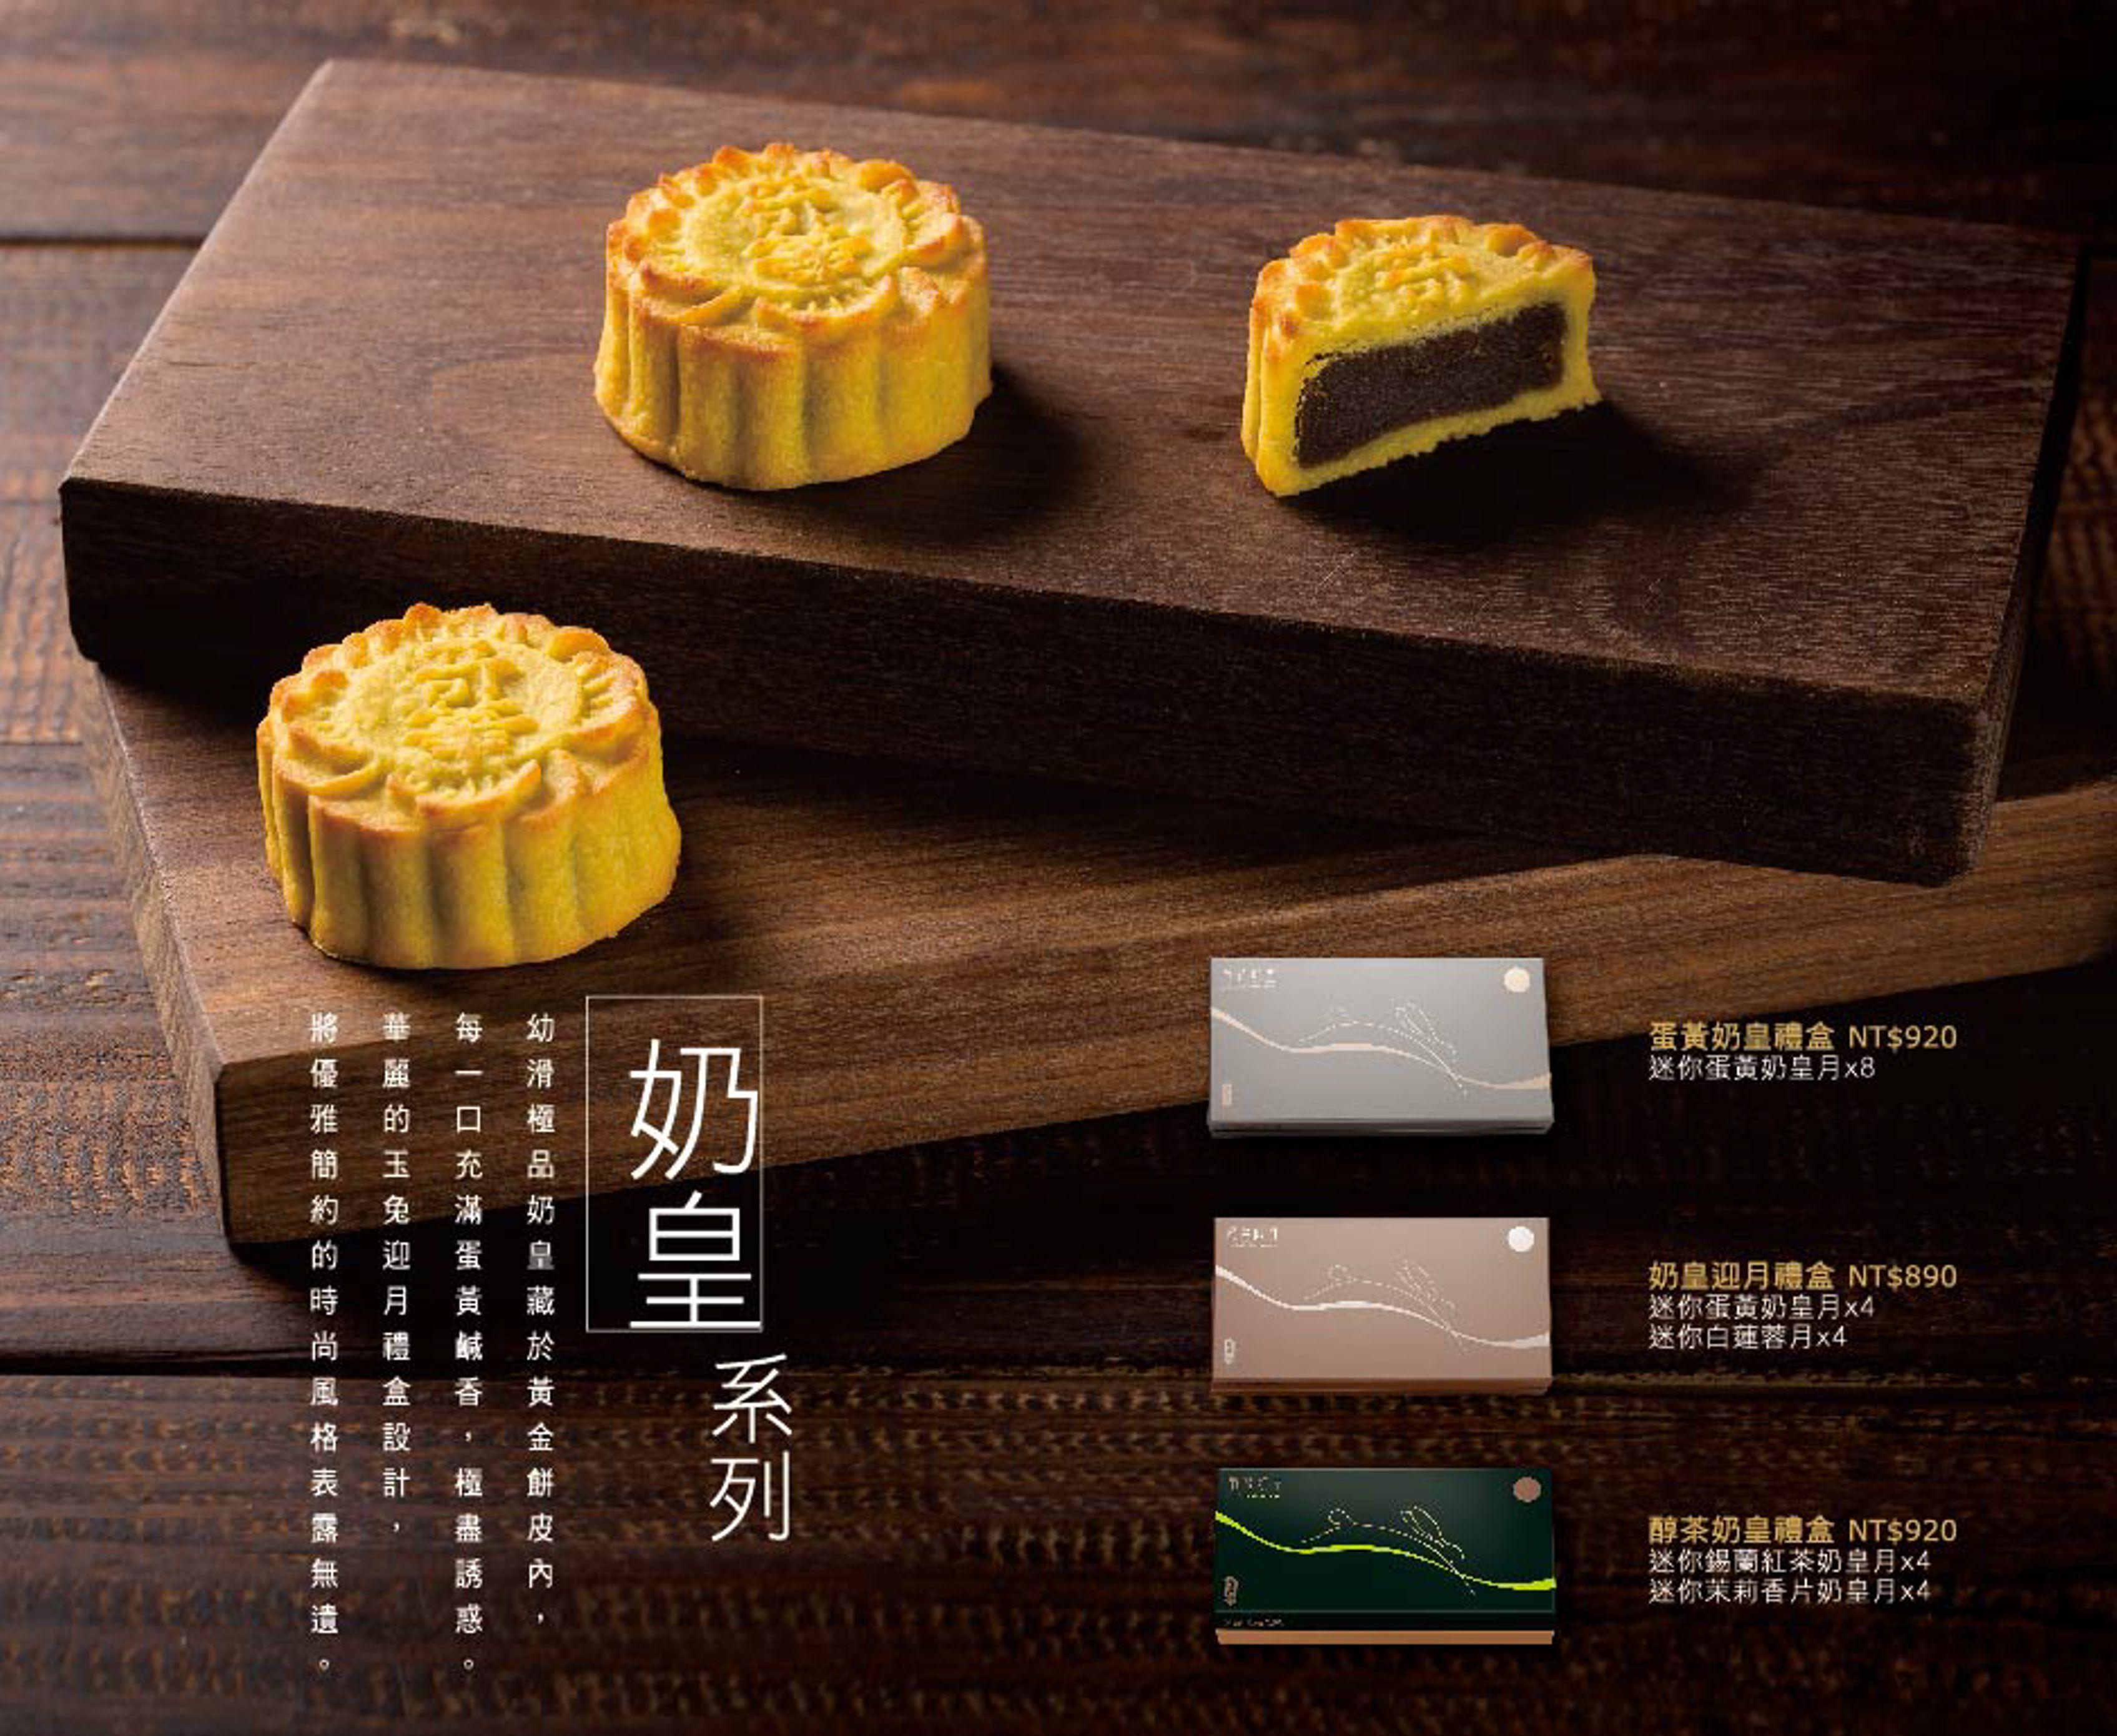 無符合「奶皇」系列 | 【奇華至尊月餅】 | 奇華餅家 - Rakuten樂天市場